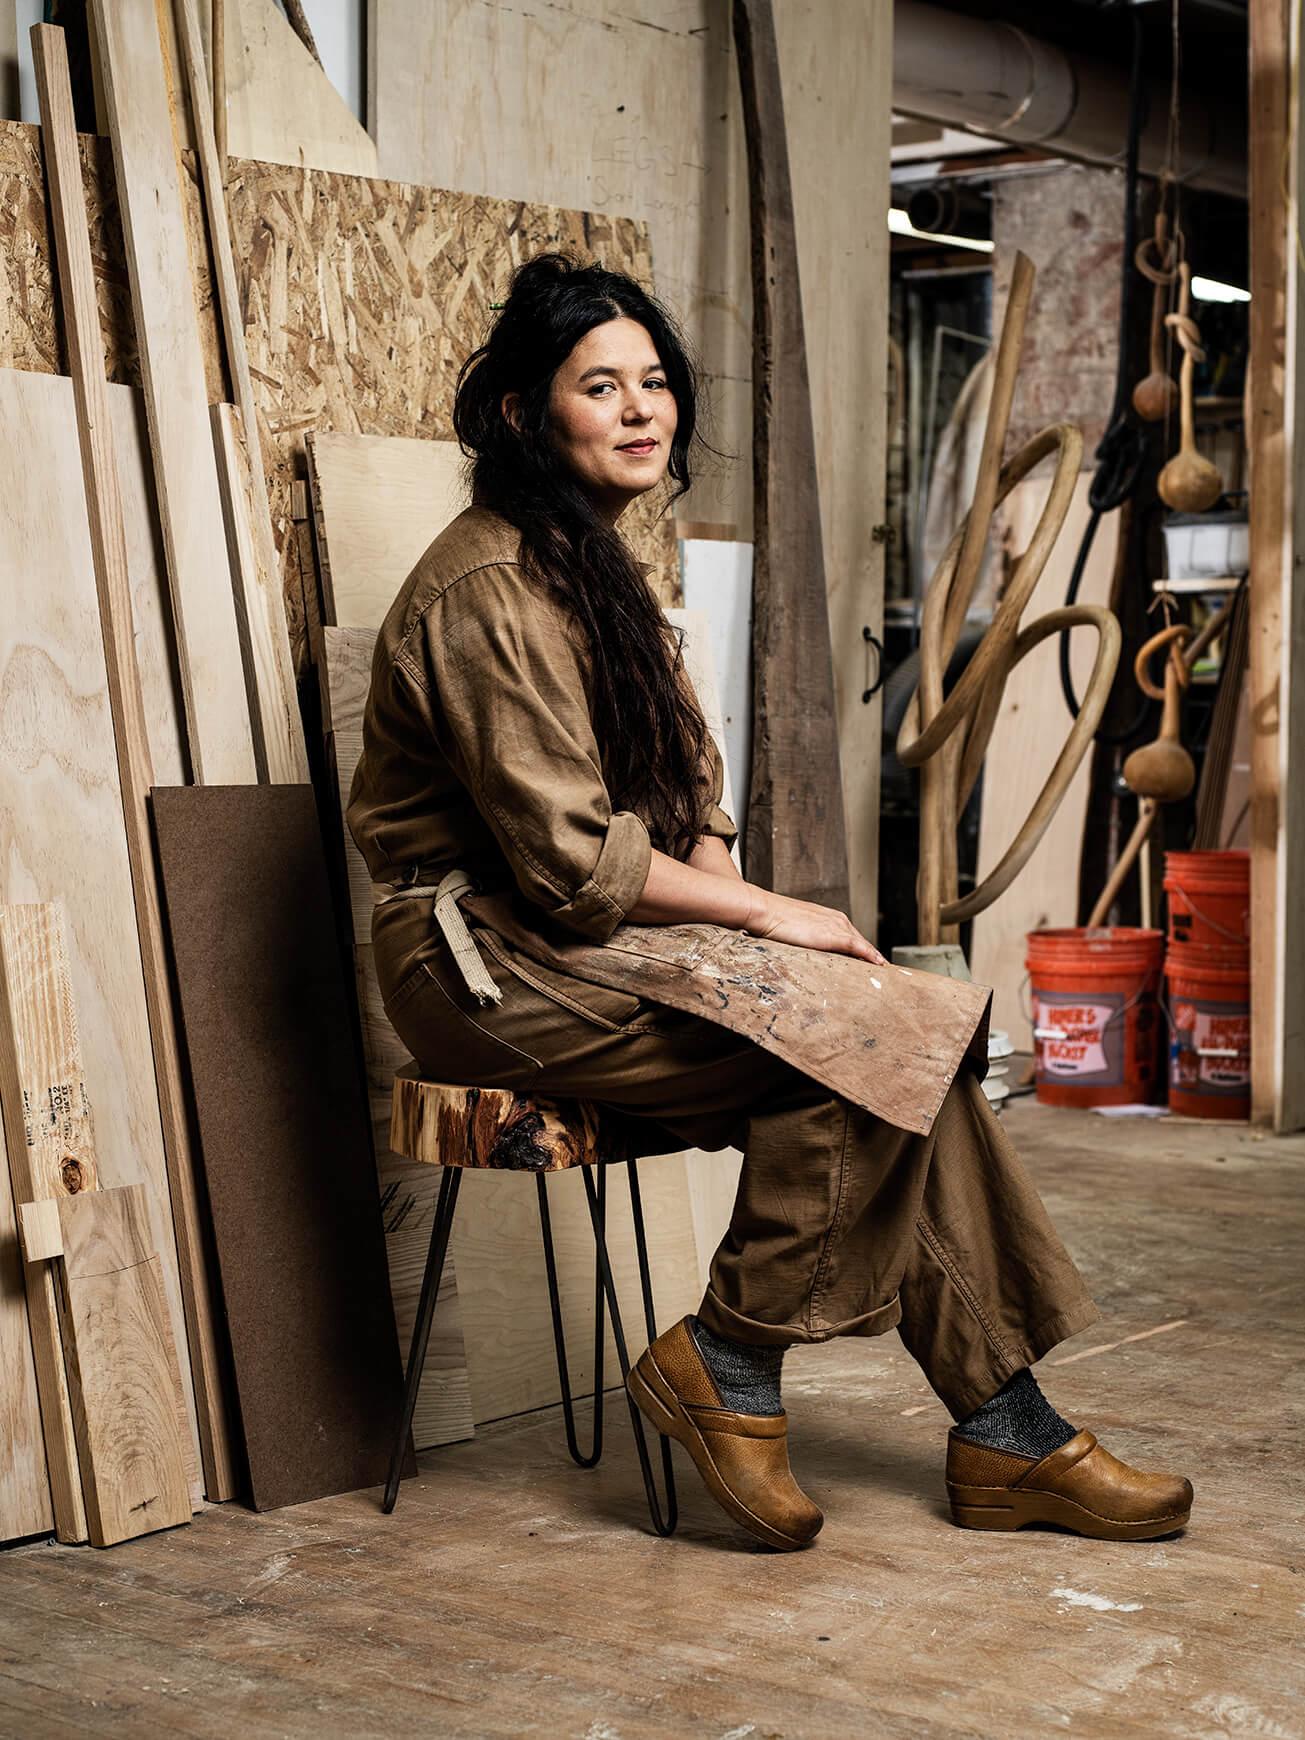 Portrait of artist Katie Gong in her wood shop